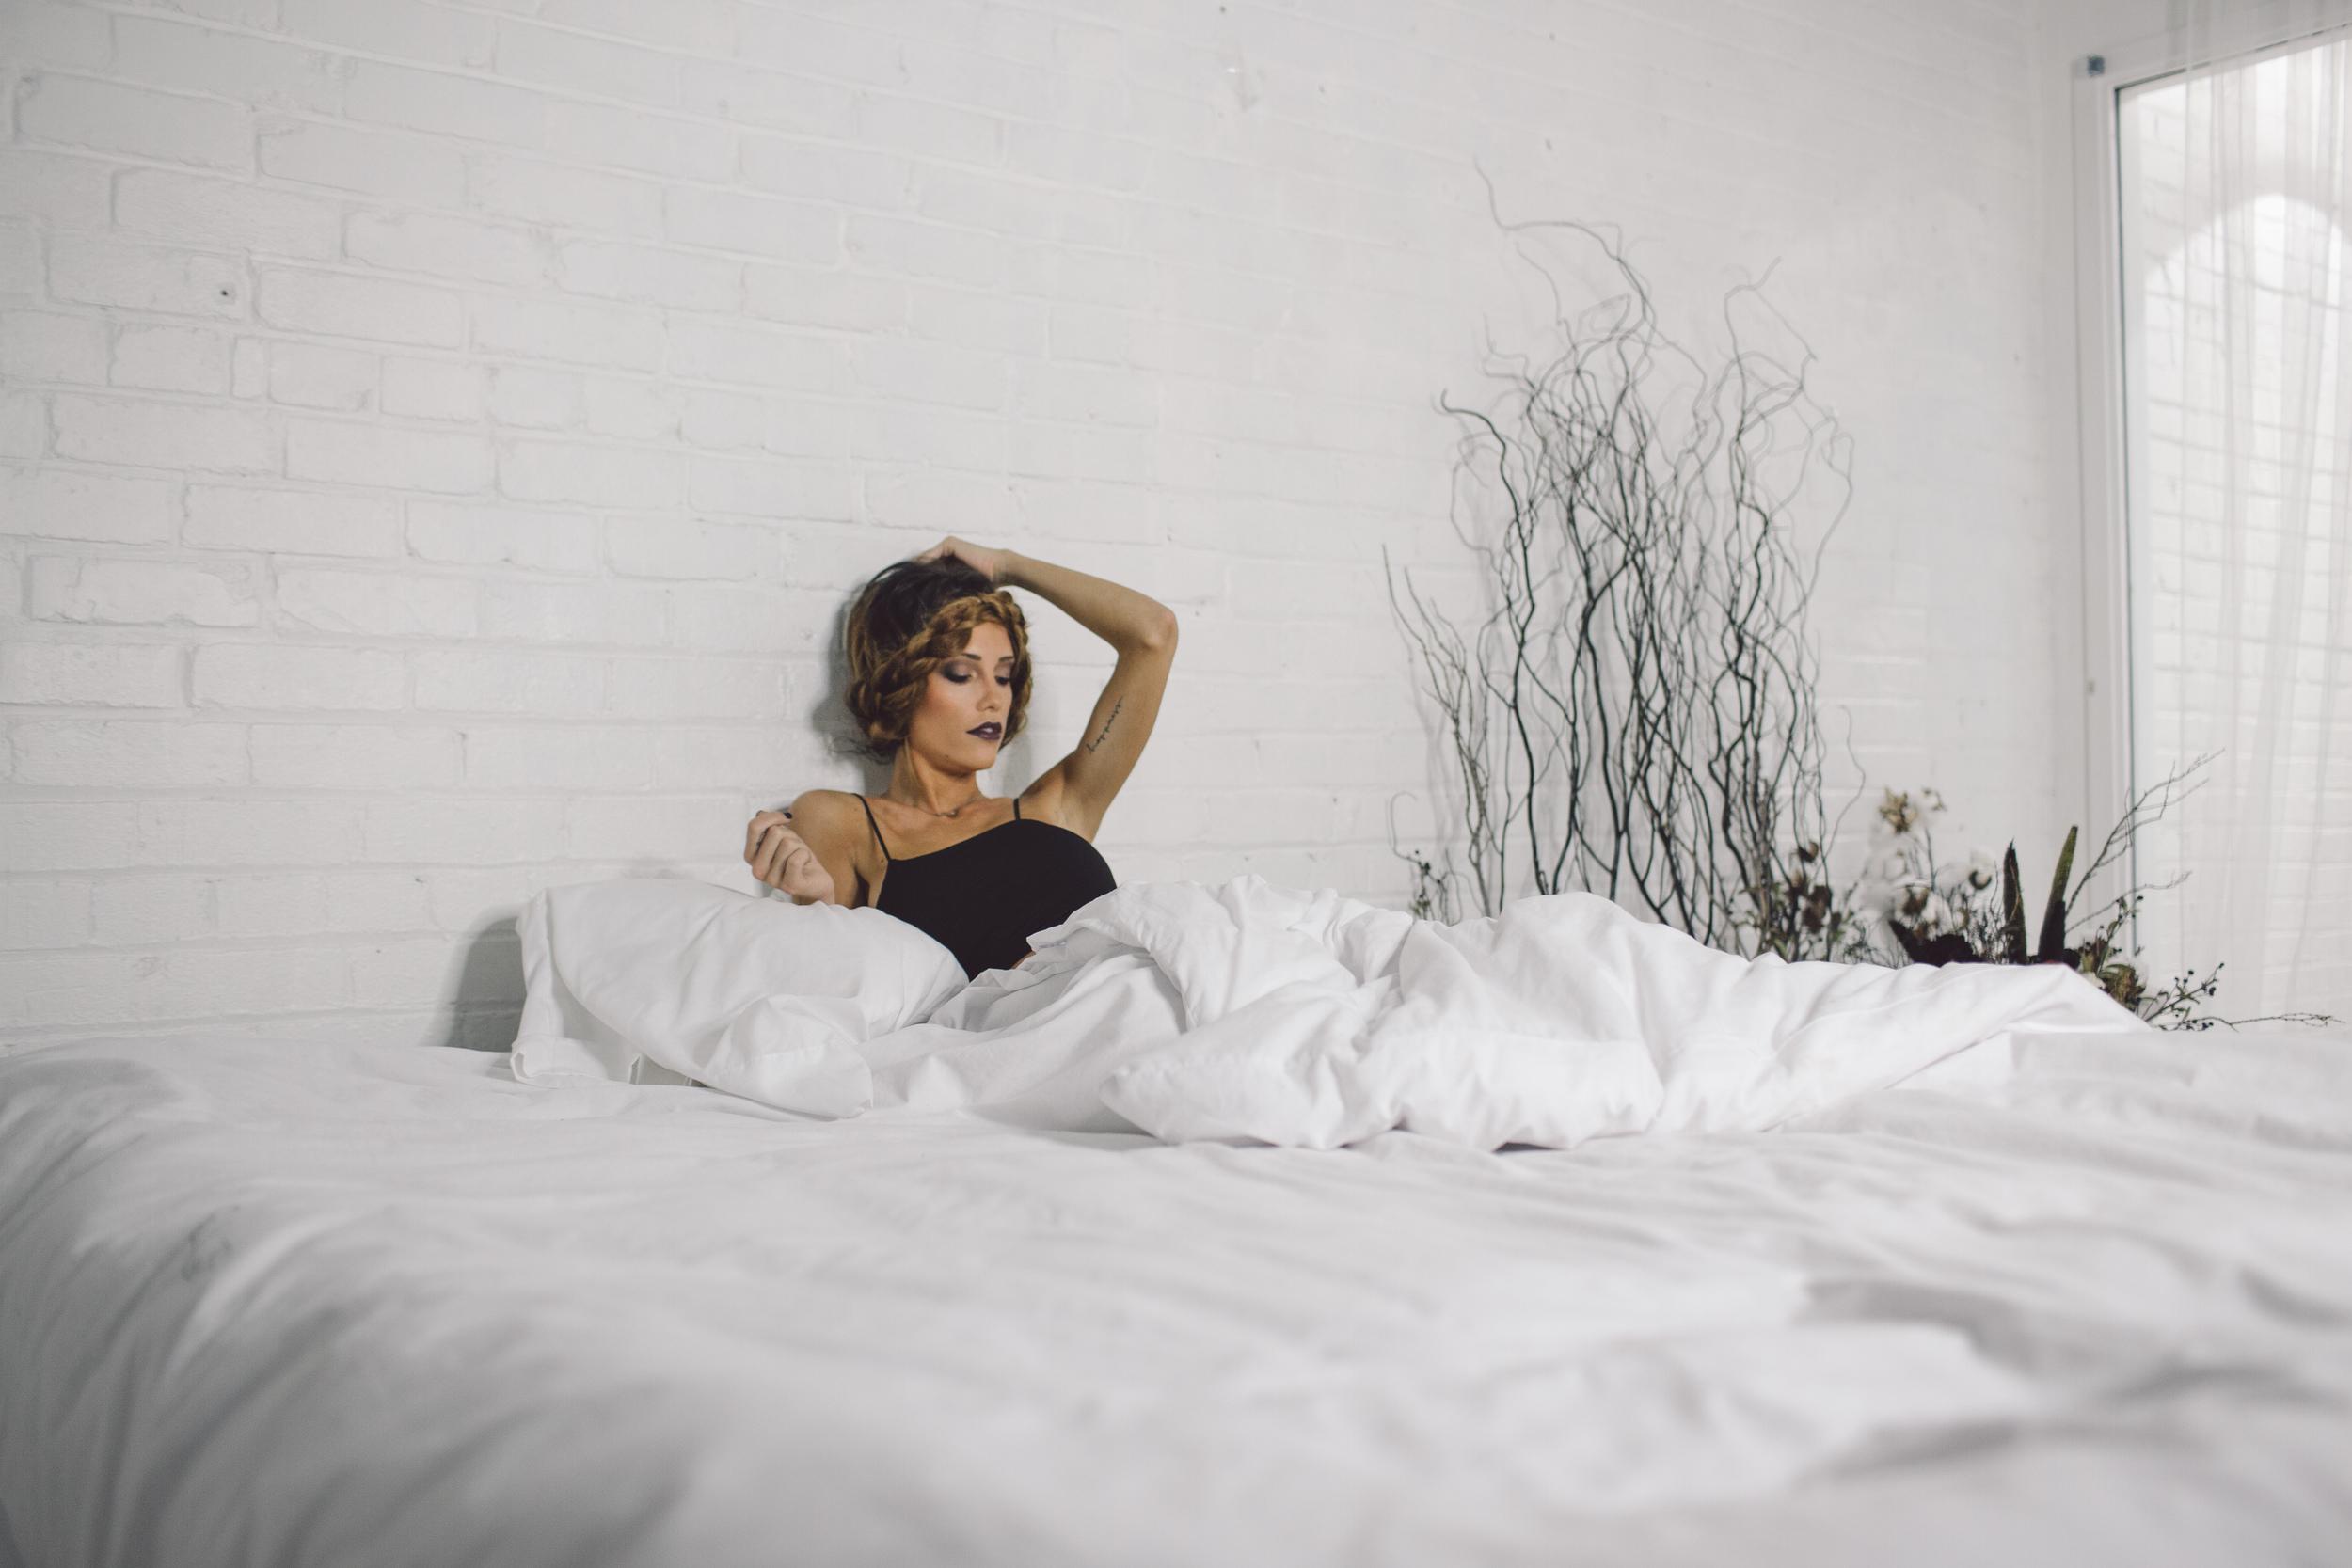 EmmyLowePhotoMegBlog-7.jpg